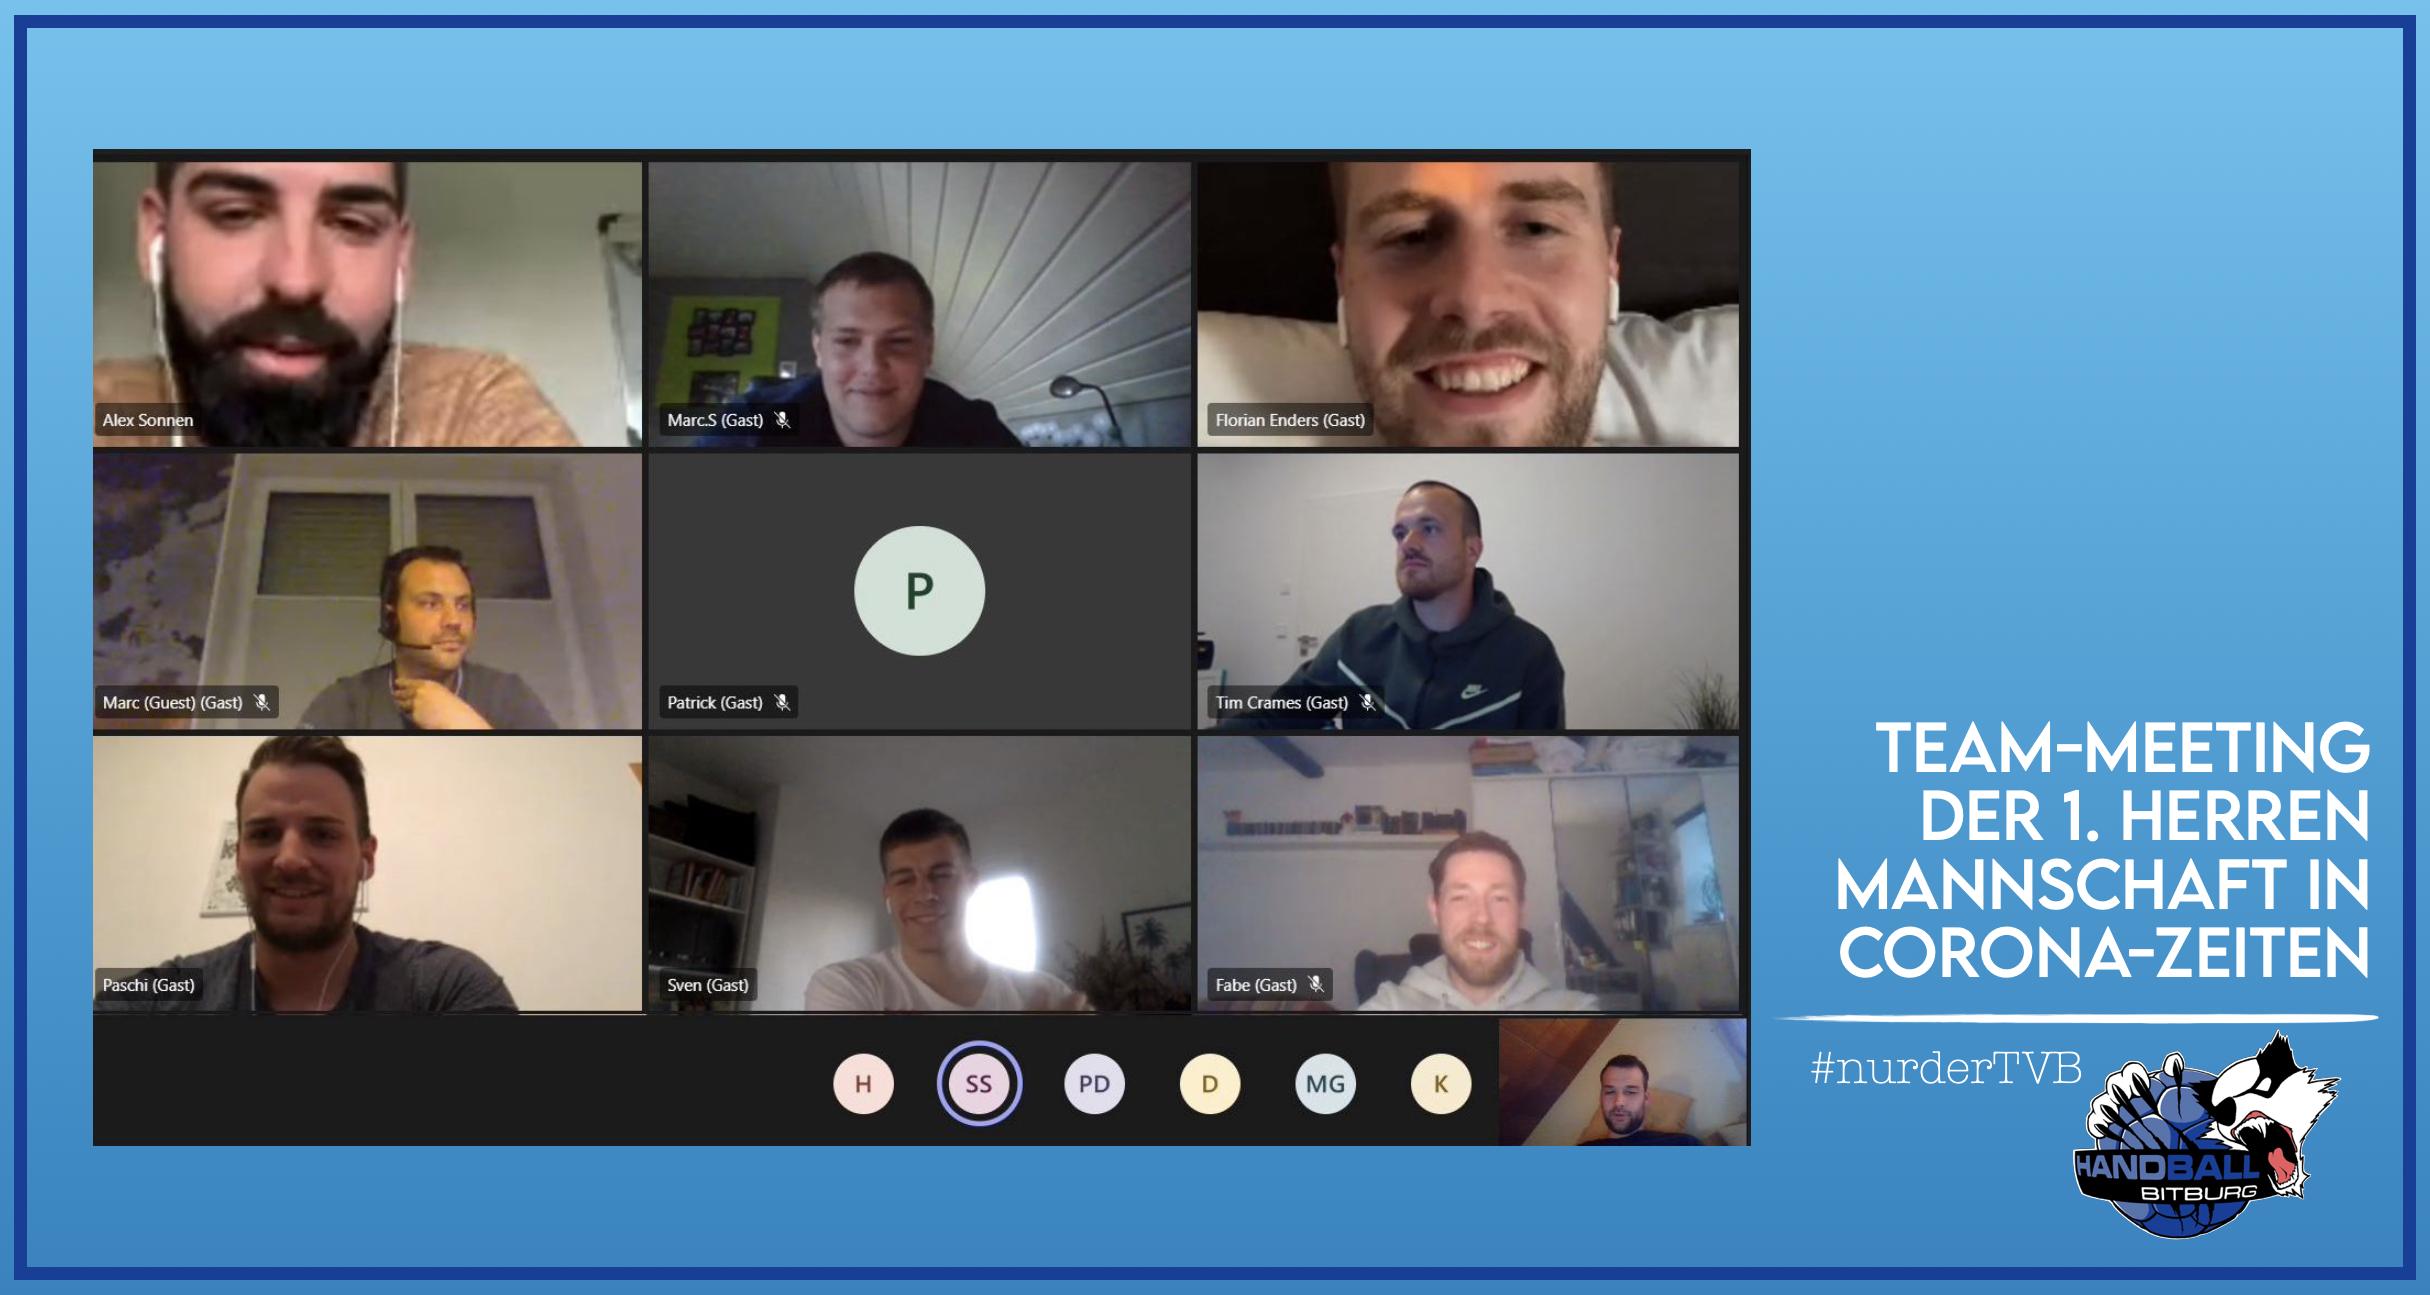 Virtuelles Team-Meeting der 1. Herren Mannschaft